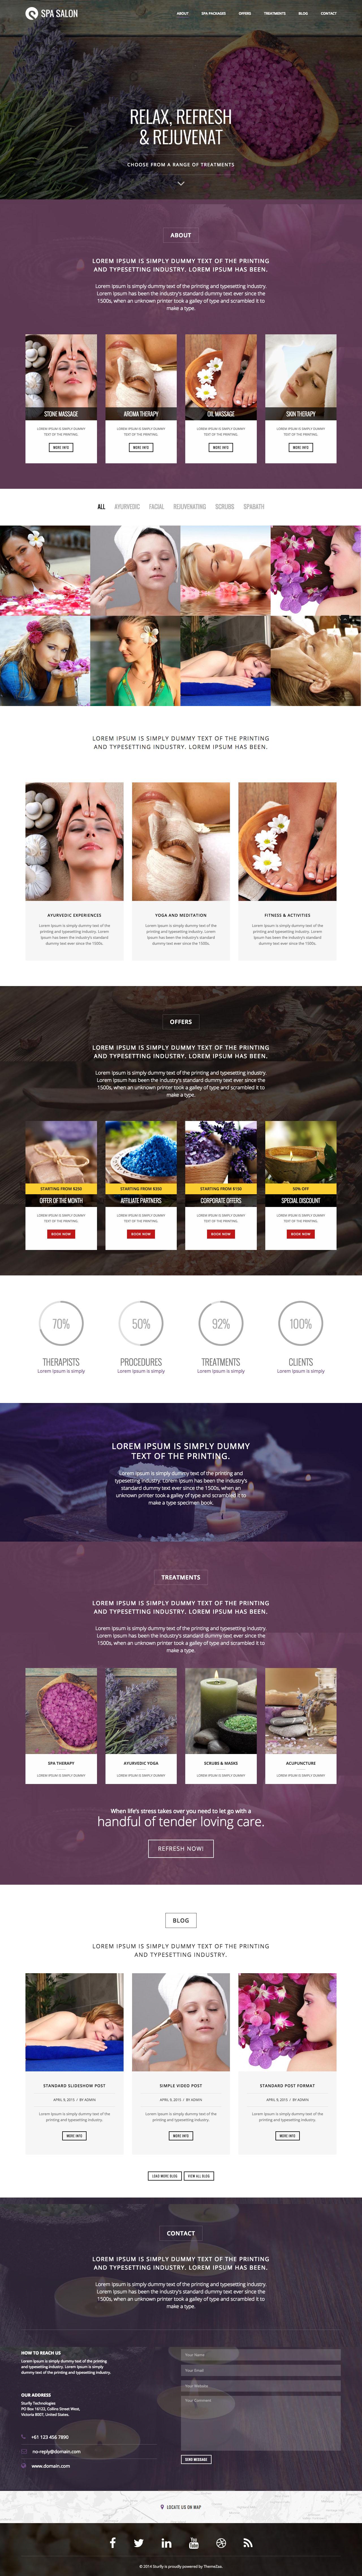 Sturlly Website Screenshot